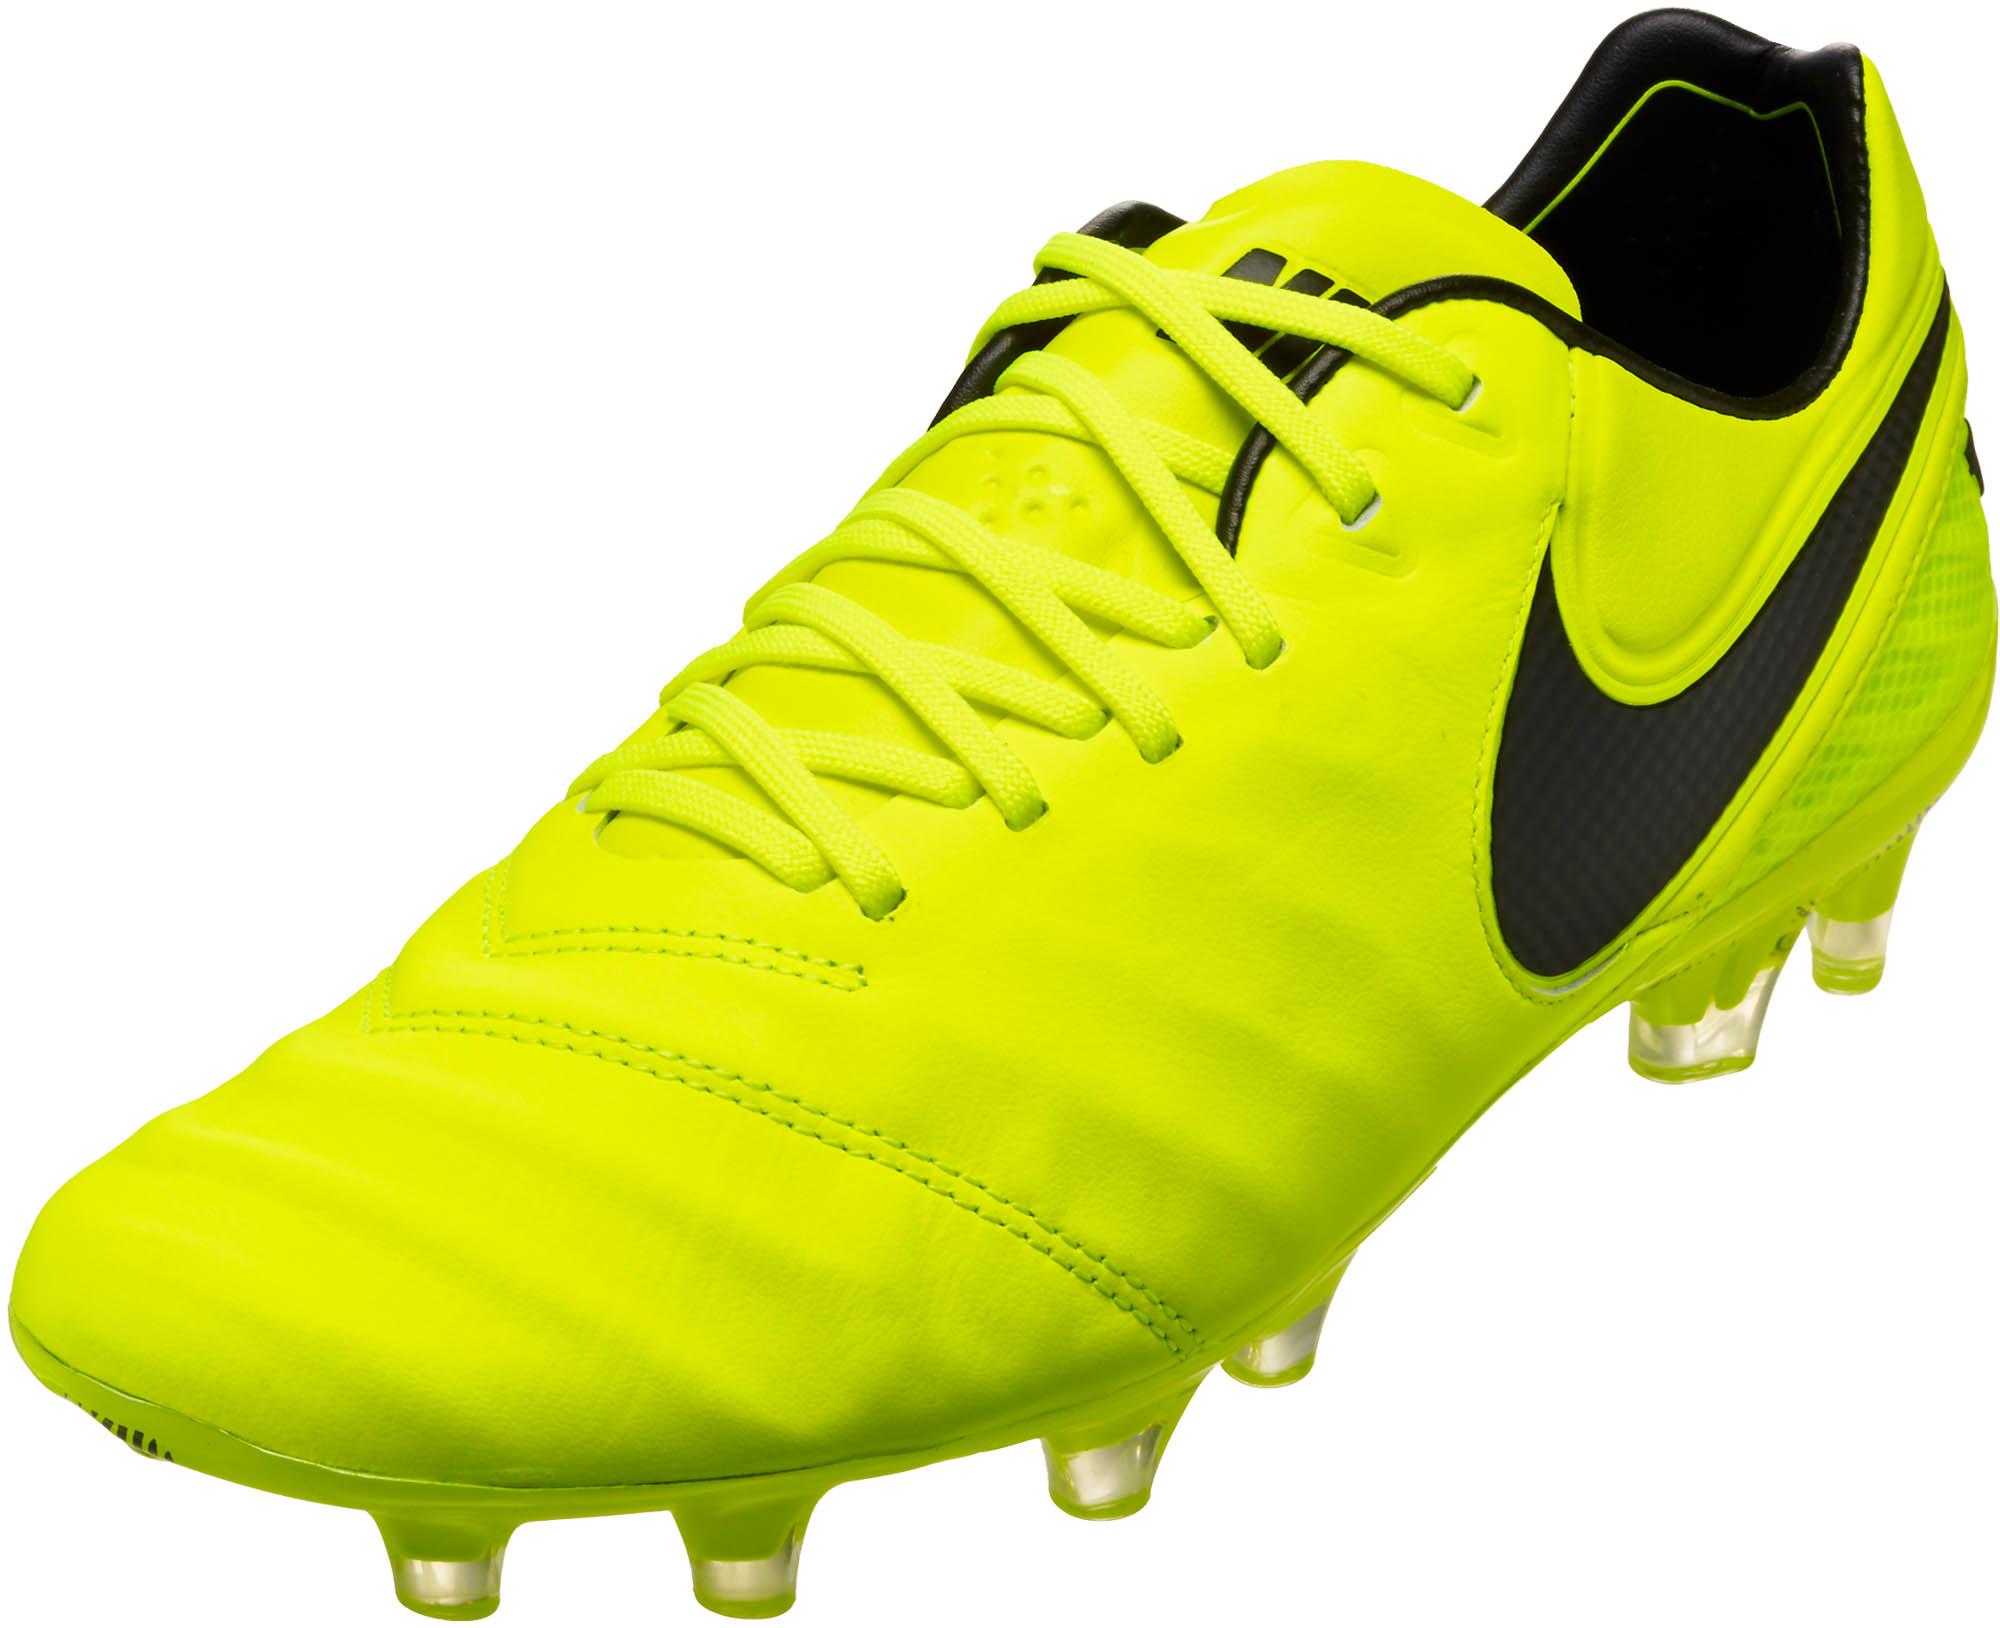 c97ac7e37 Nike Tiempo Legend VI FG - Tiempo Legend Soccer Cleats